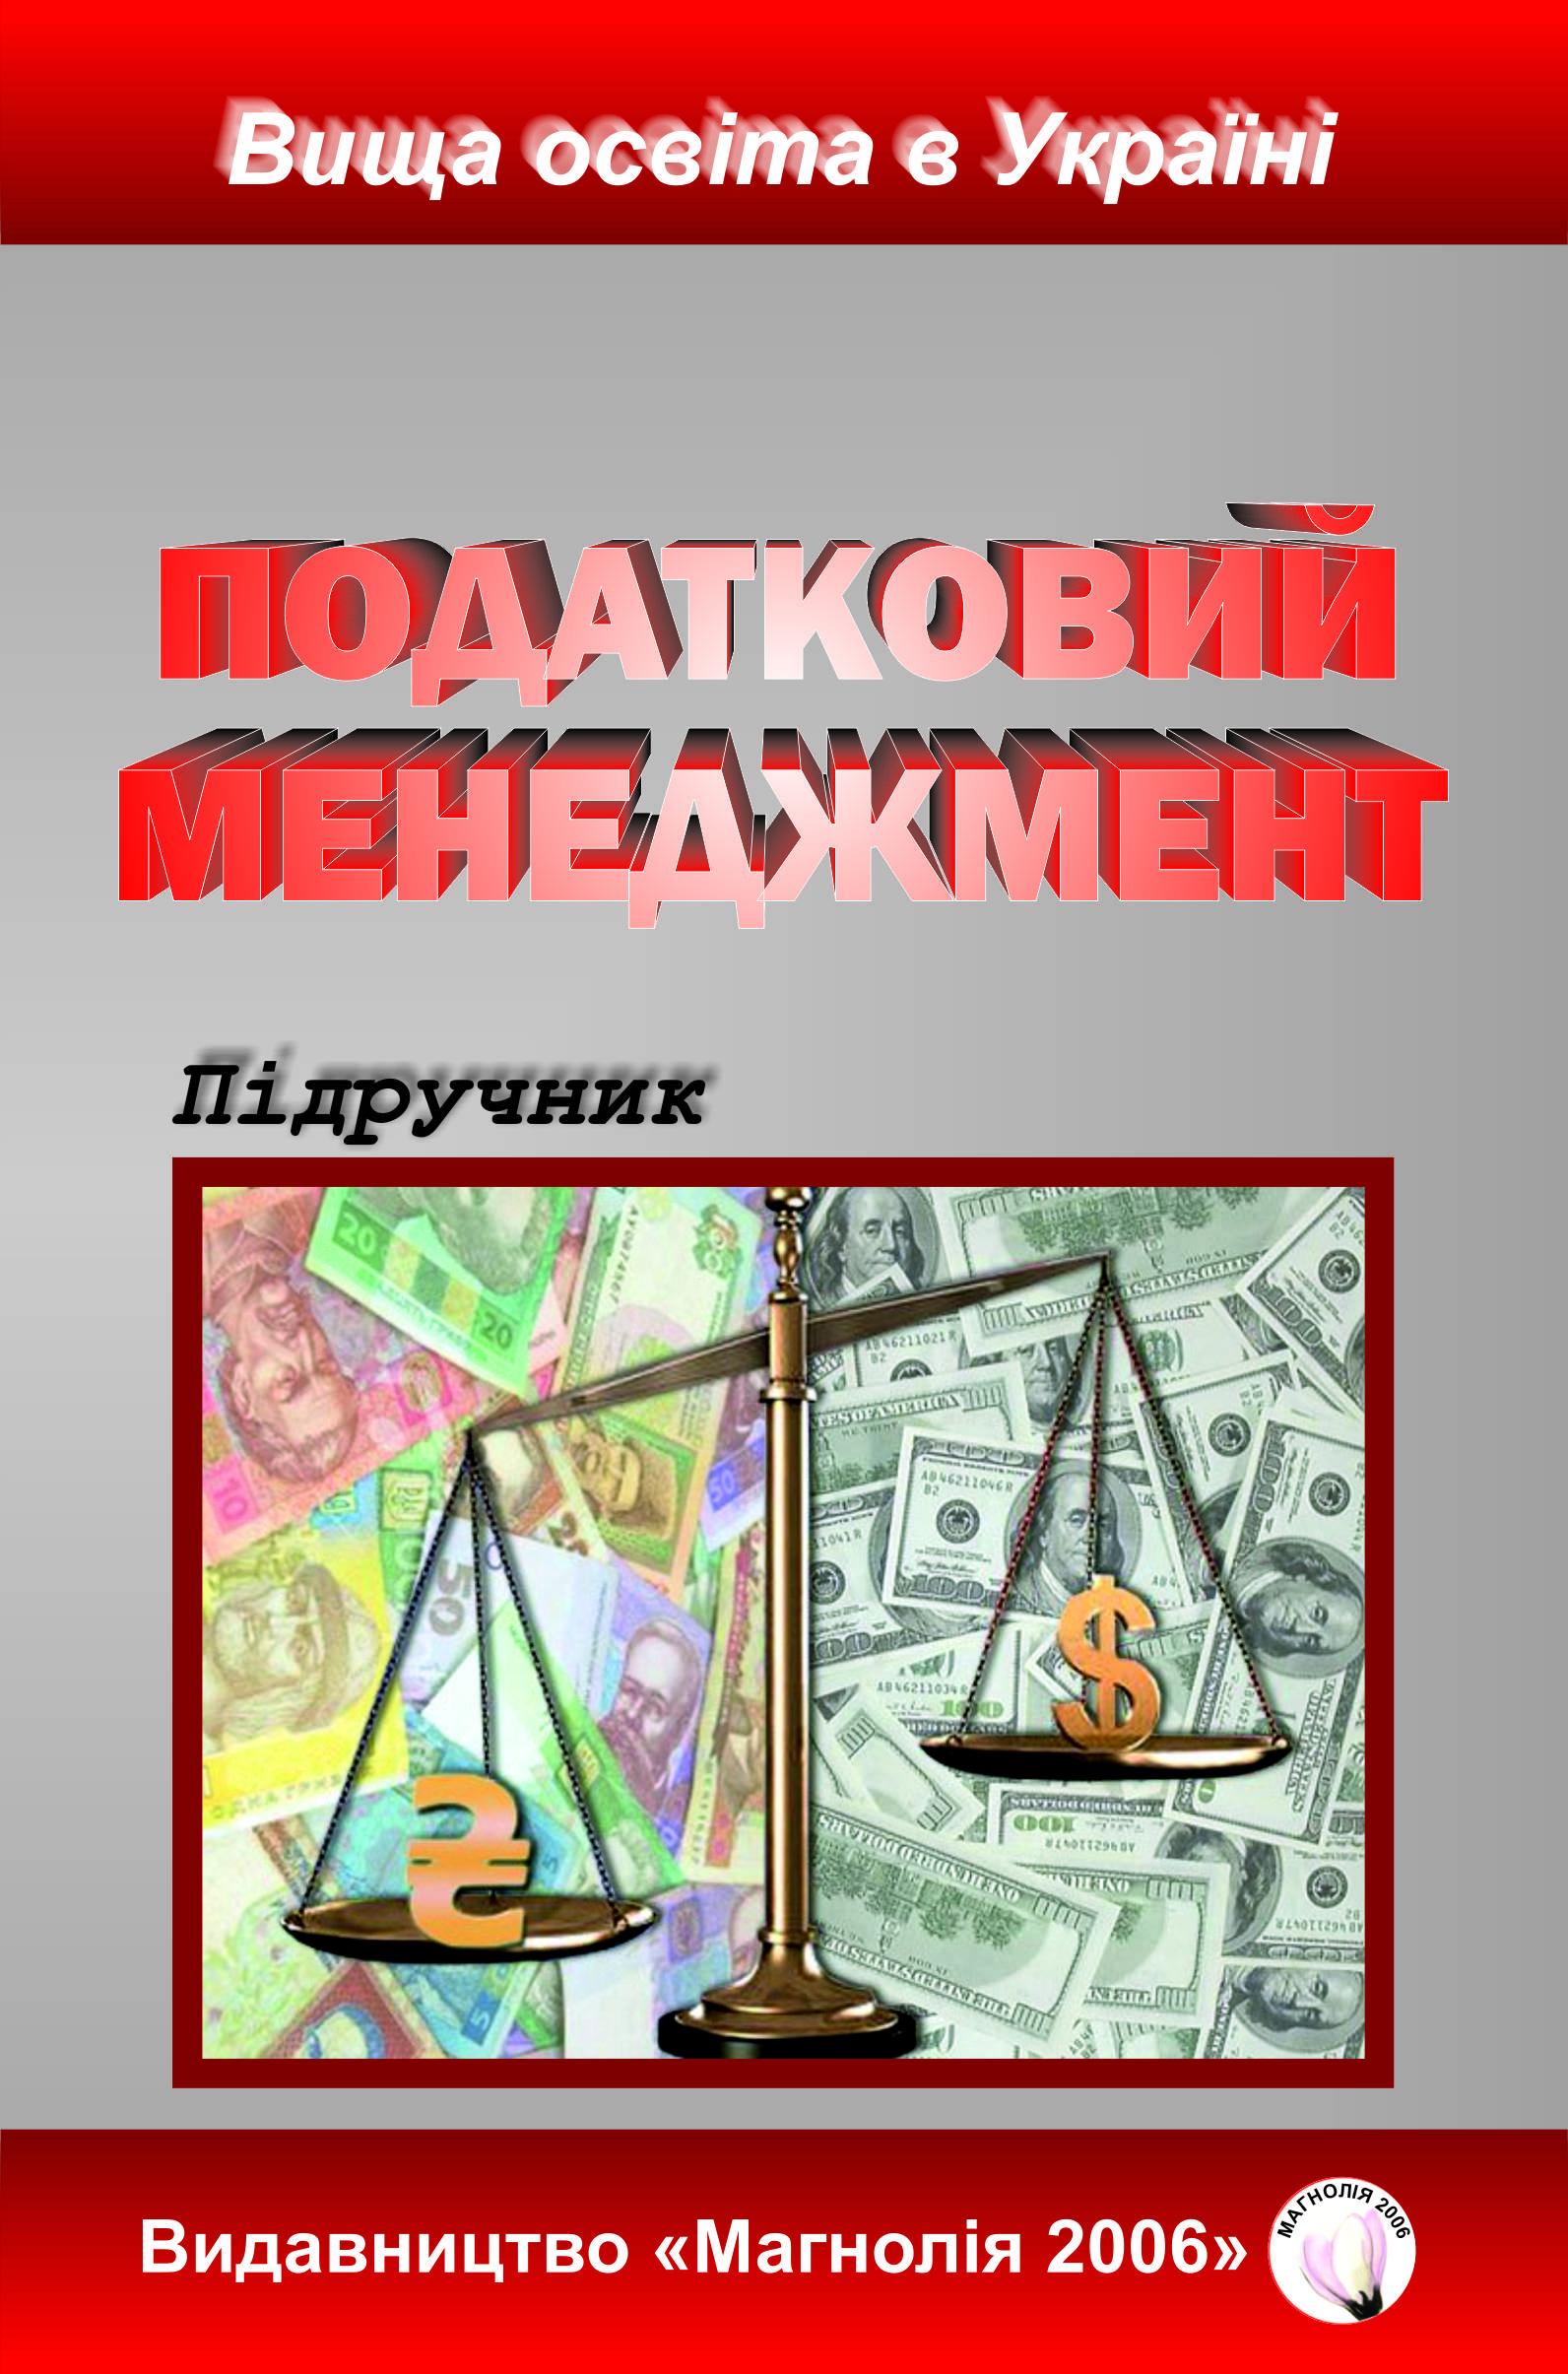 PodatkMenegment